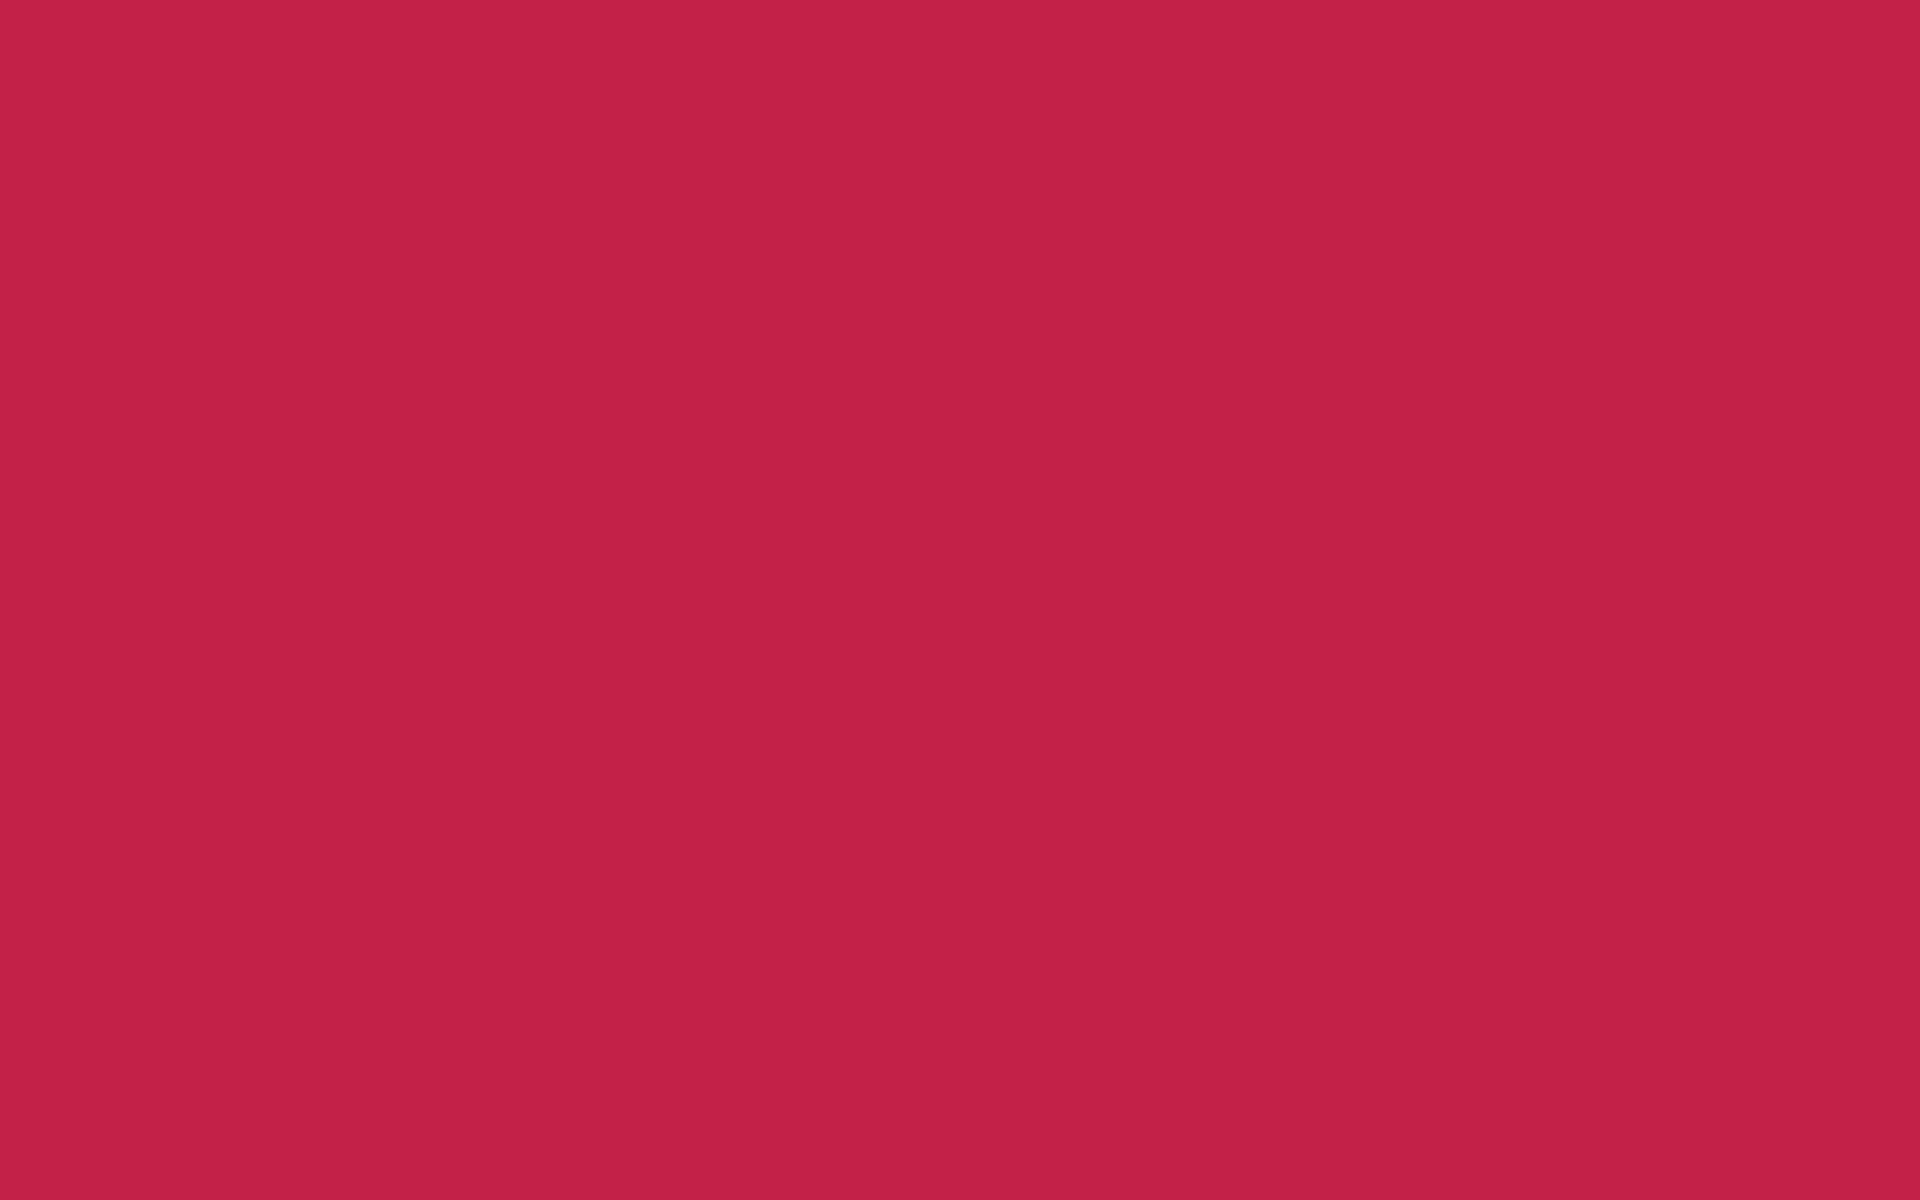 1920x1200 Maroon Crayola Solid Color Background